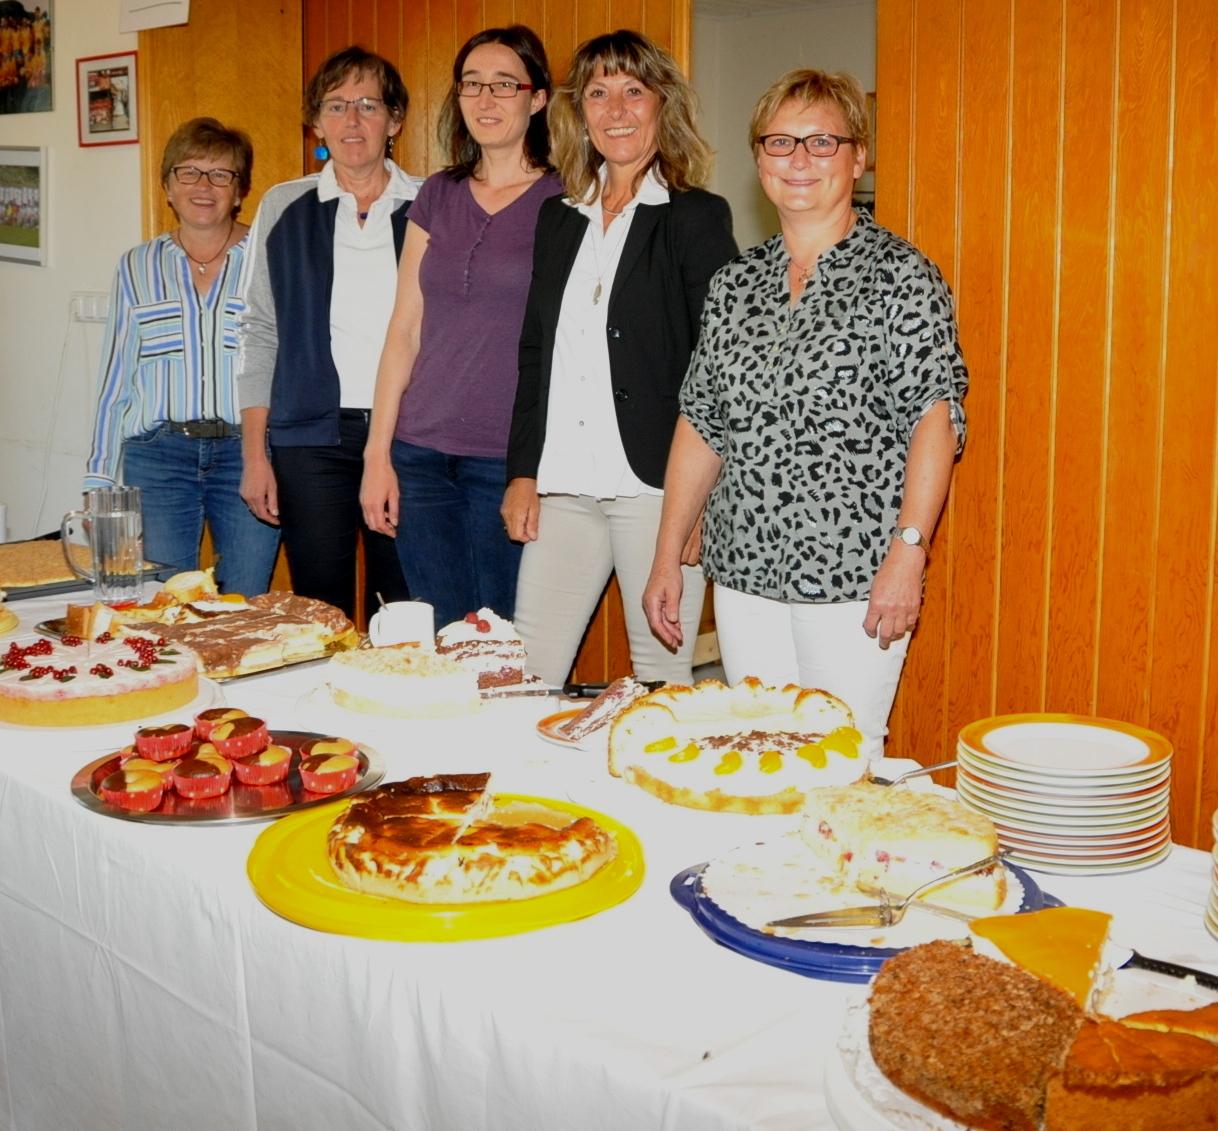 Kuchen und Kaffee bei der Gymnastikgruppe.JPG